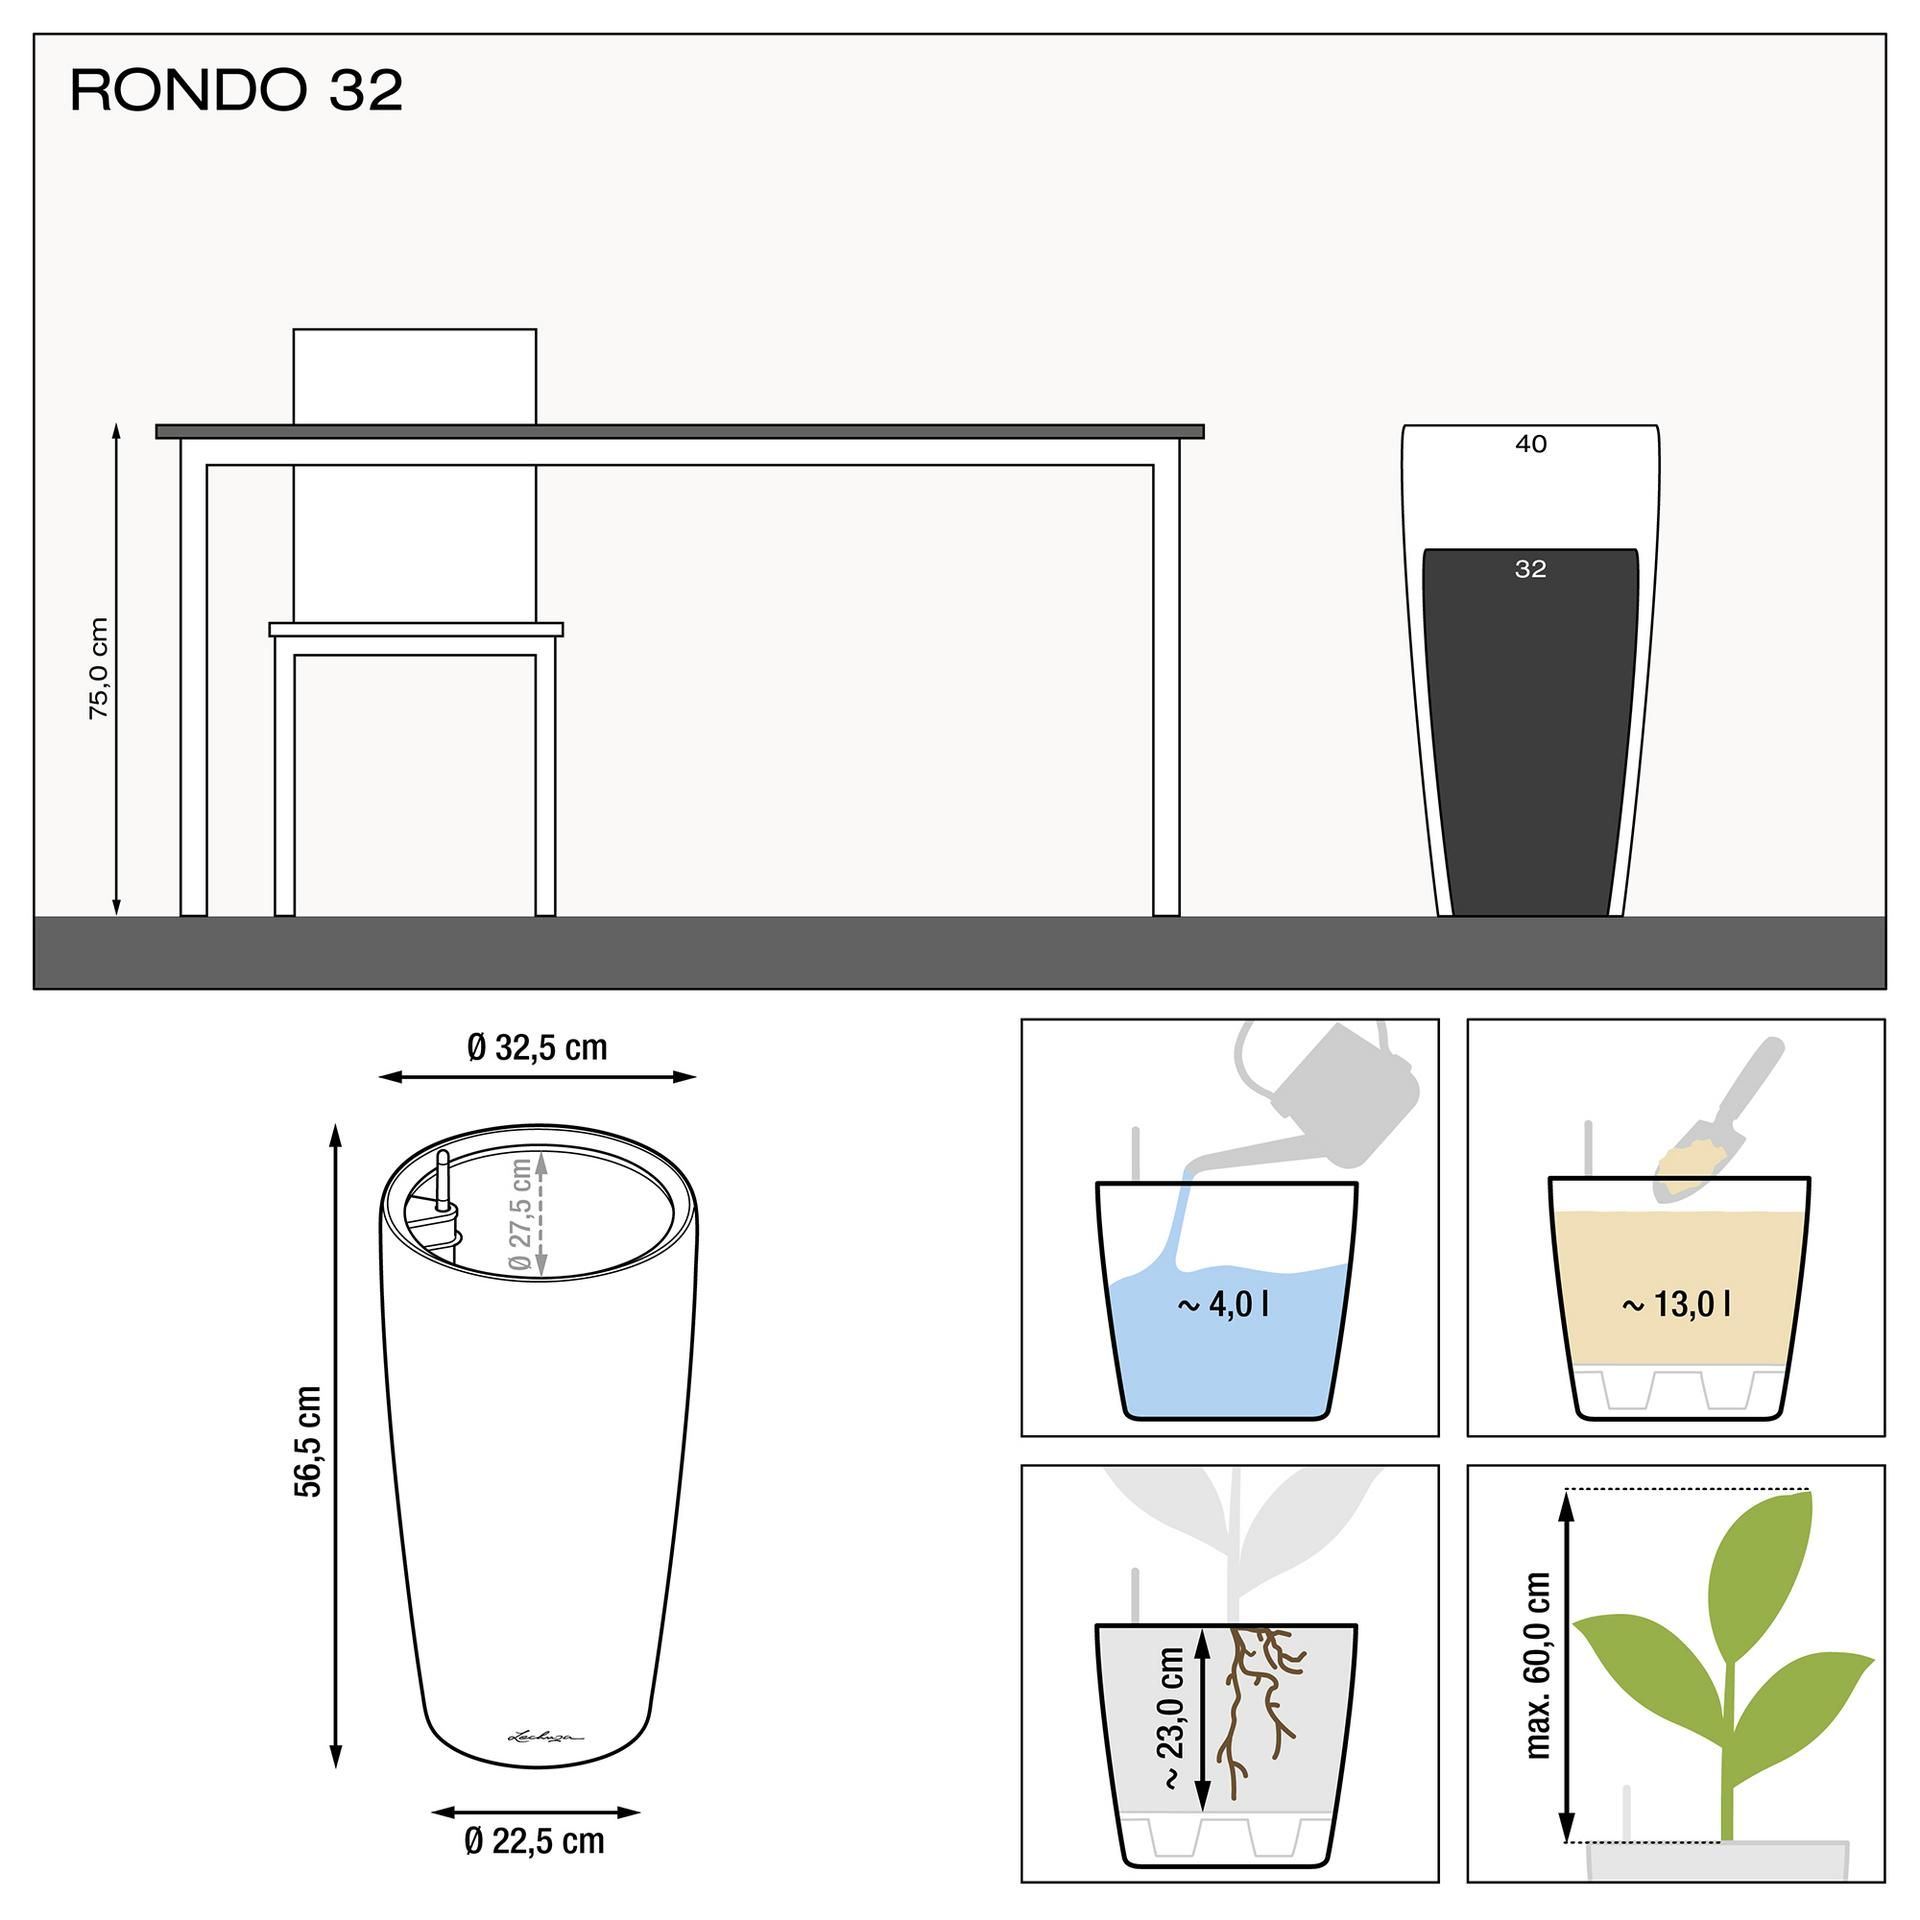 le_rondo32_product_addi_nz